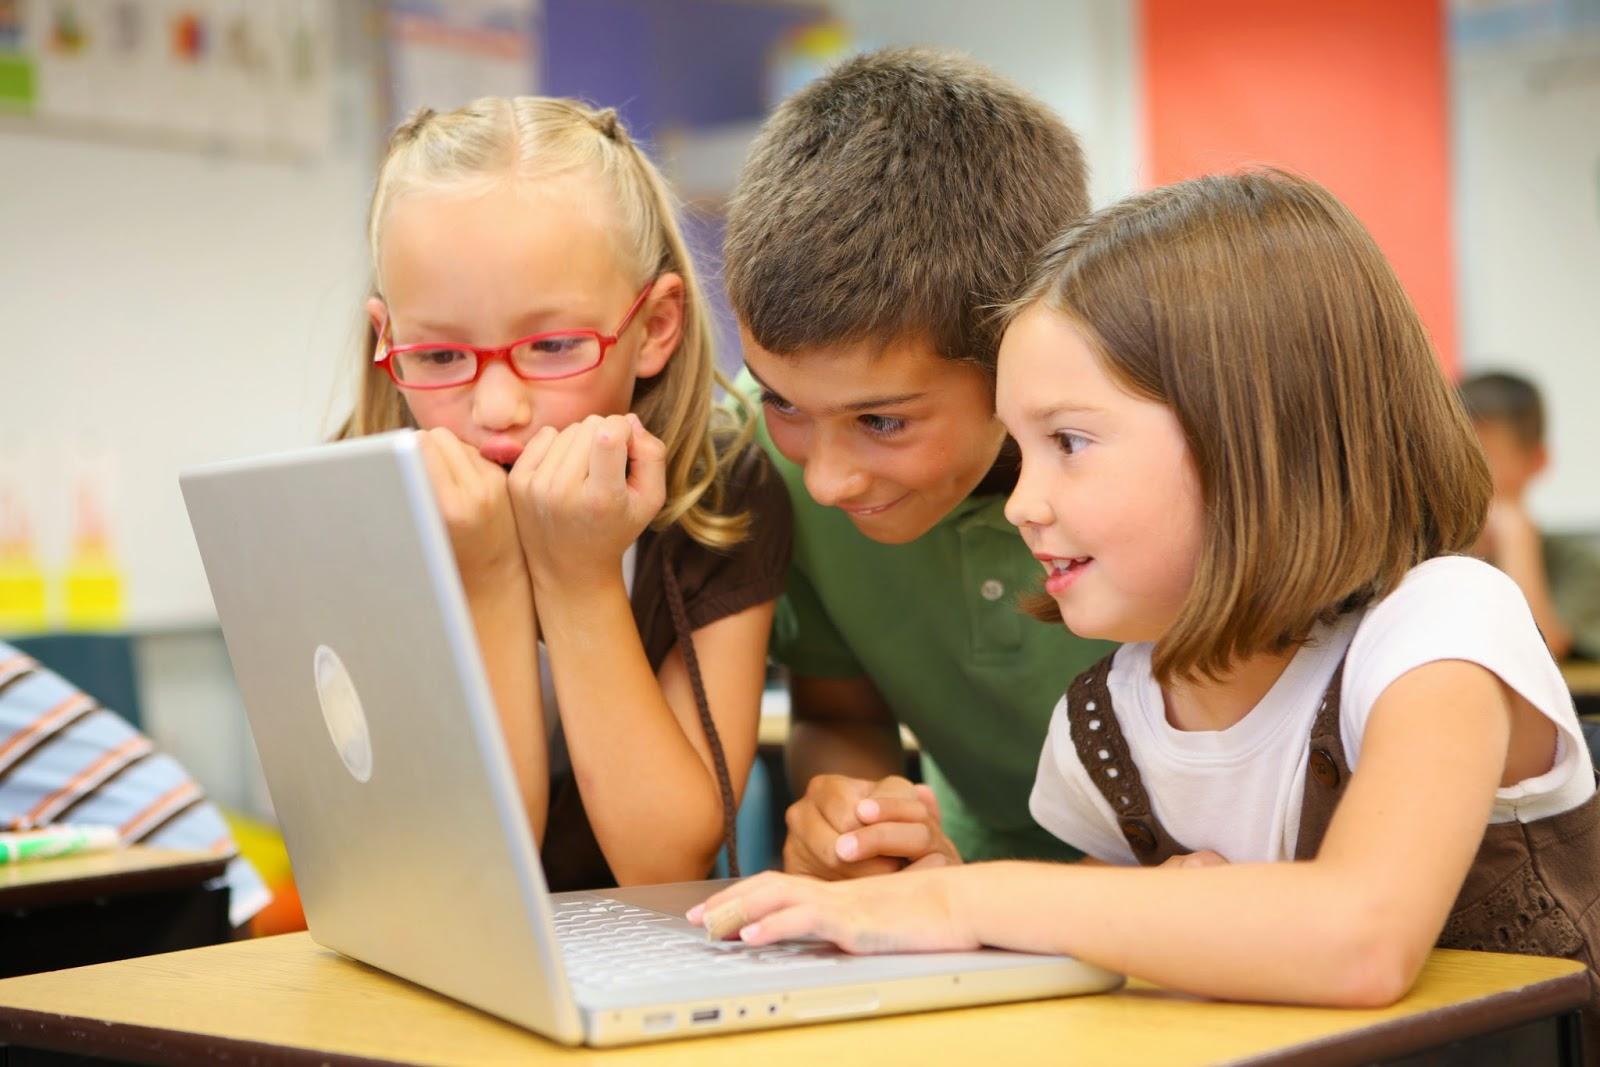 ноутбуки школе улучшают успеваемость школьников исследование